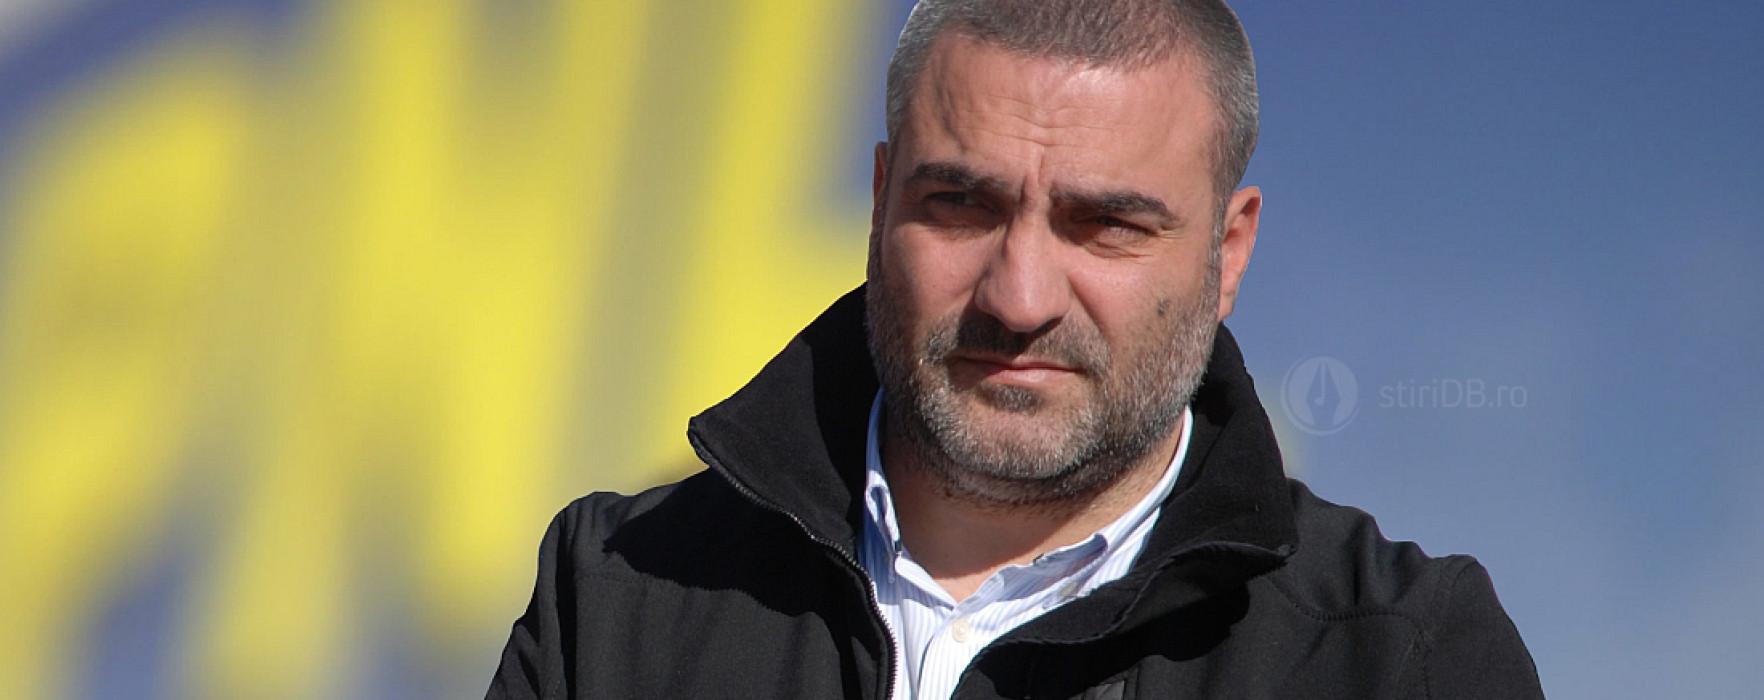 Preşedinţii de organizaţii locale PNL din Dâmboviţa care nu obţin 25% riscă demiterea (audio)